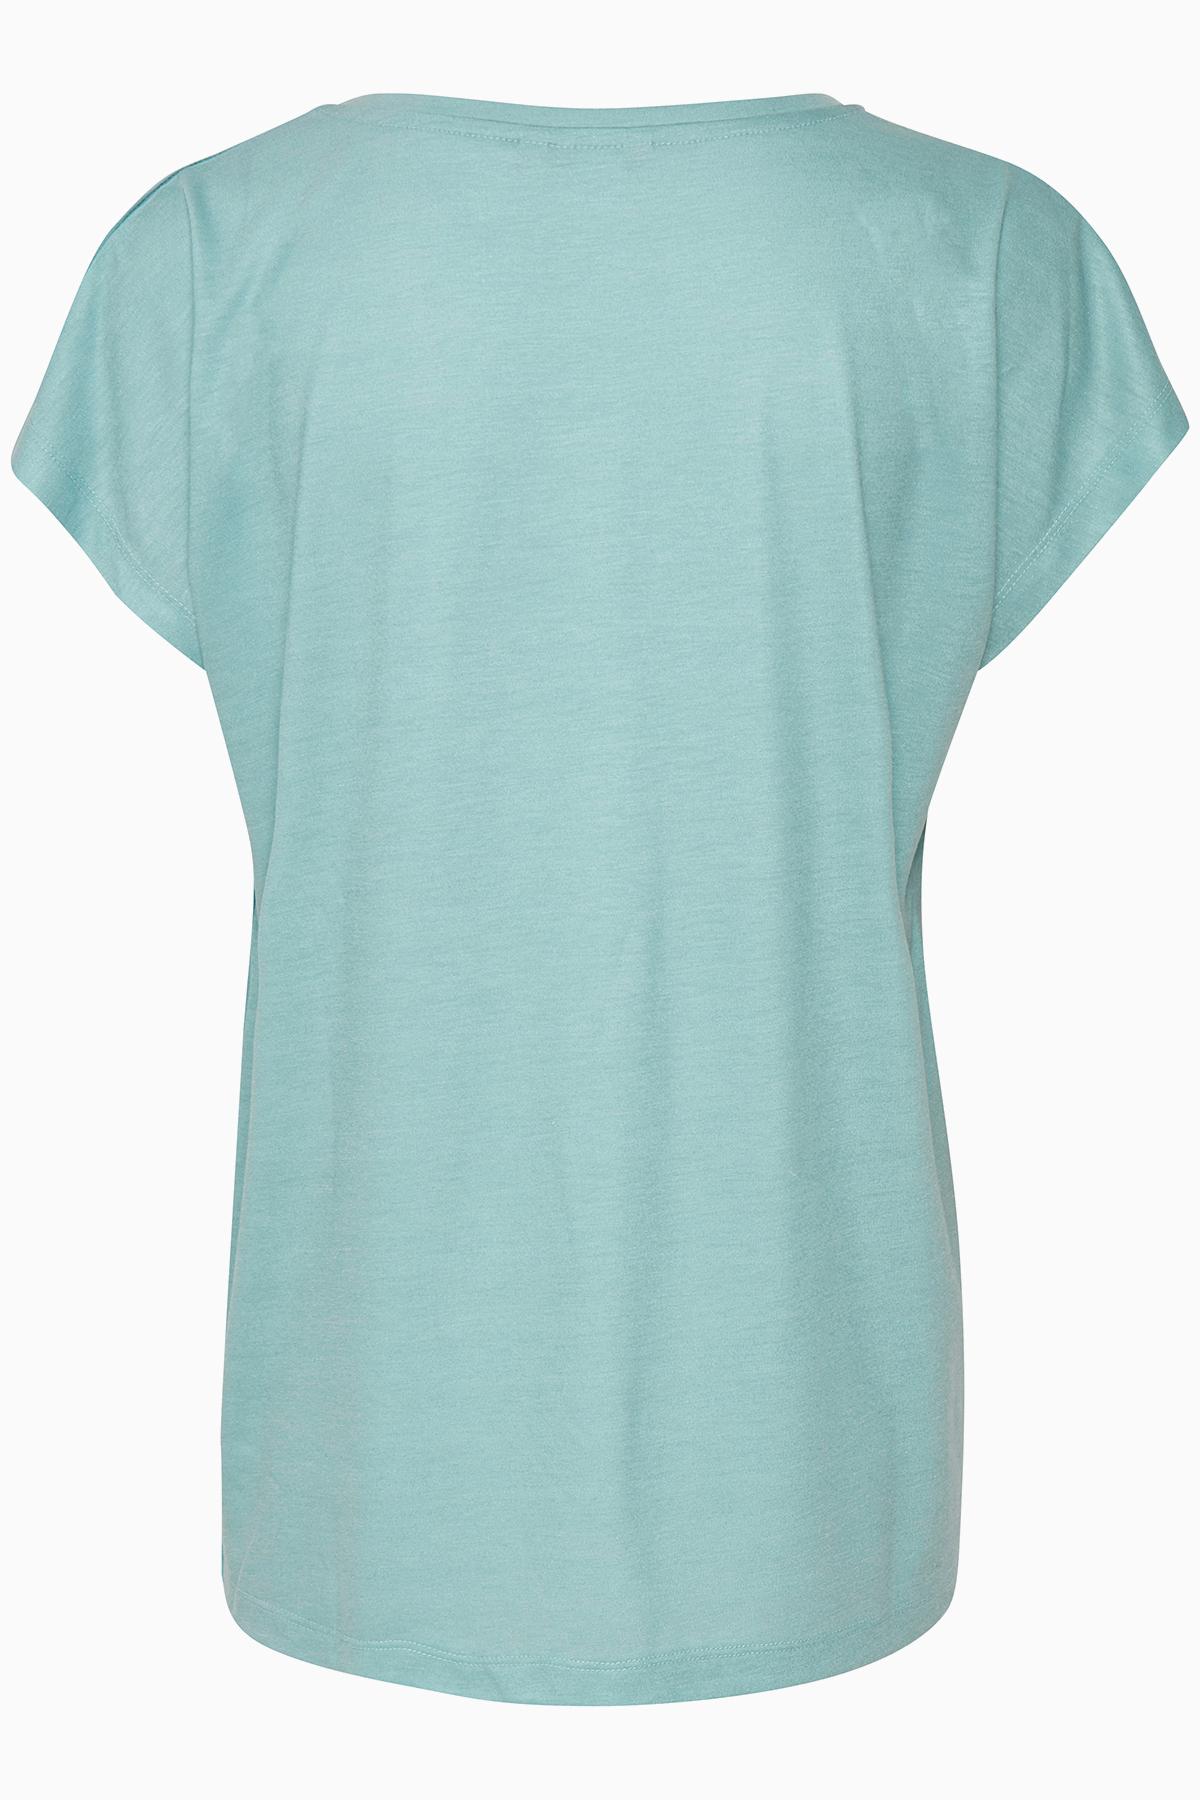 Turkos Kortärmad T-shirt från Bon'A Parte – Köp Turkos Kortärmad T-shirt från stl. S-2XL här